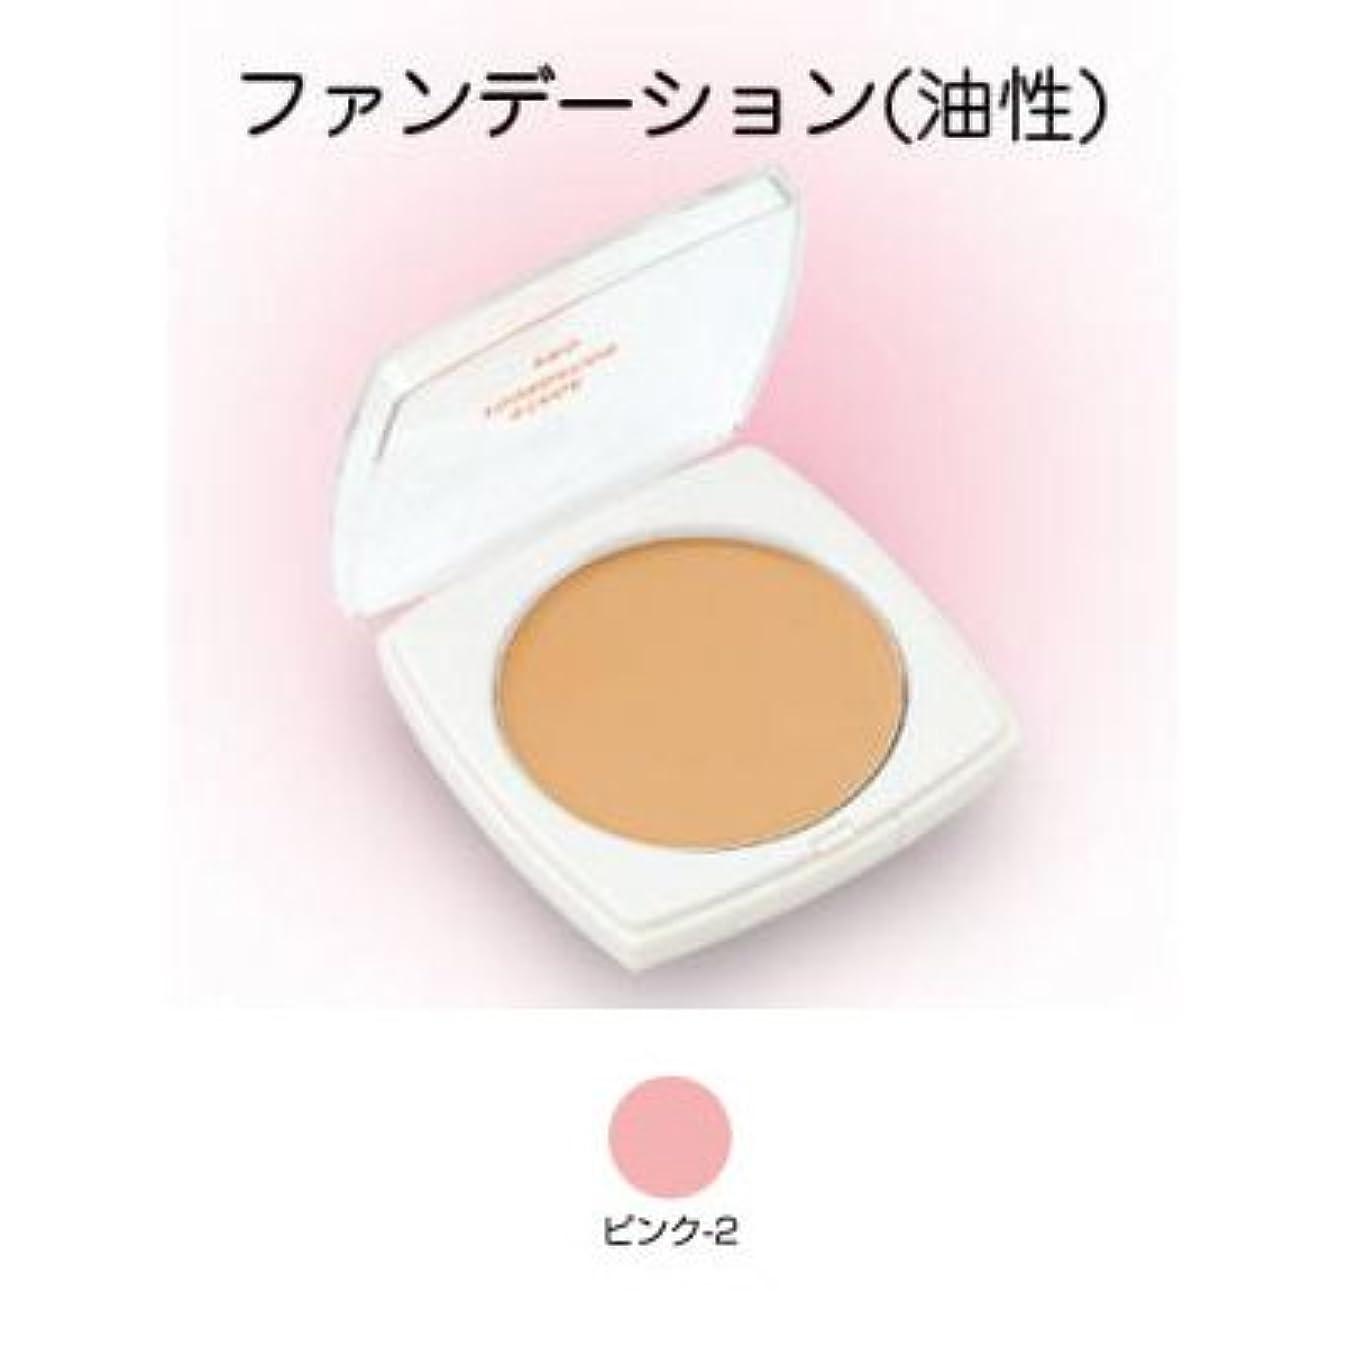 陸軍線プレゼンテーションステージファンデーション プロ 13g ピンク-2 【三善】